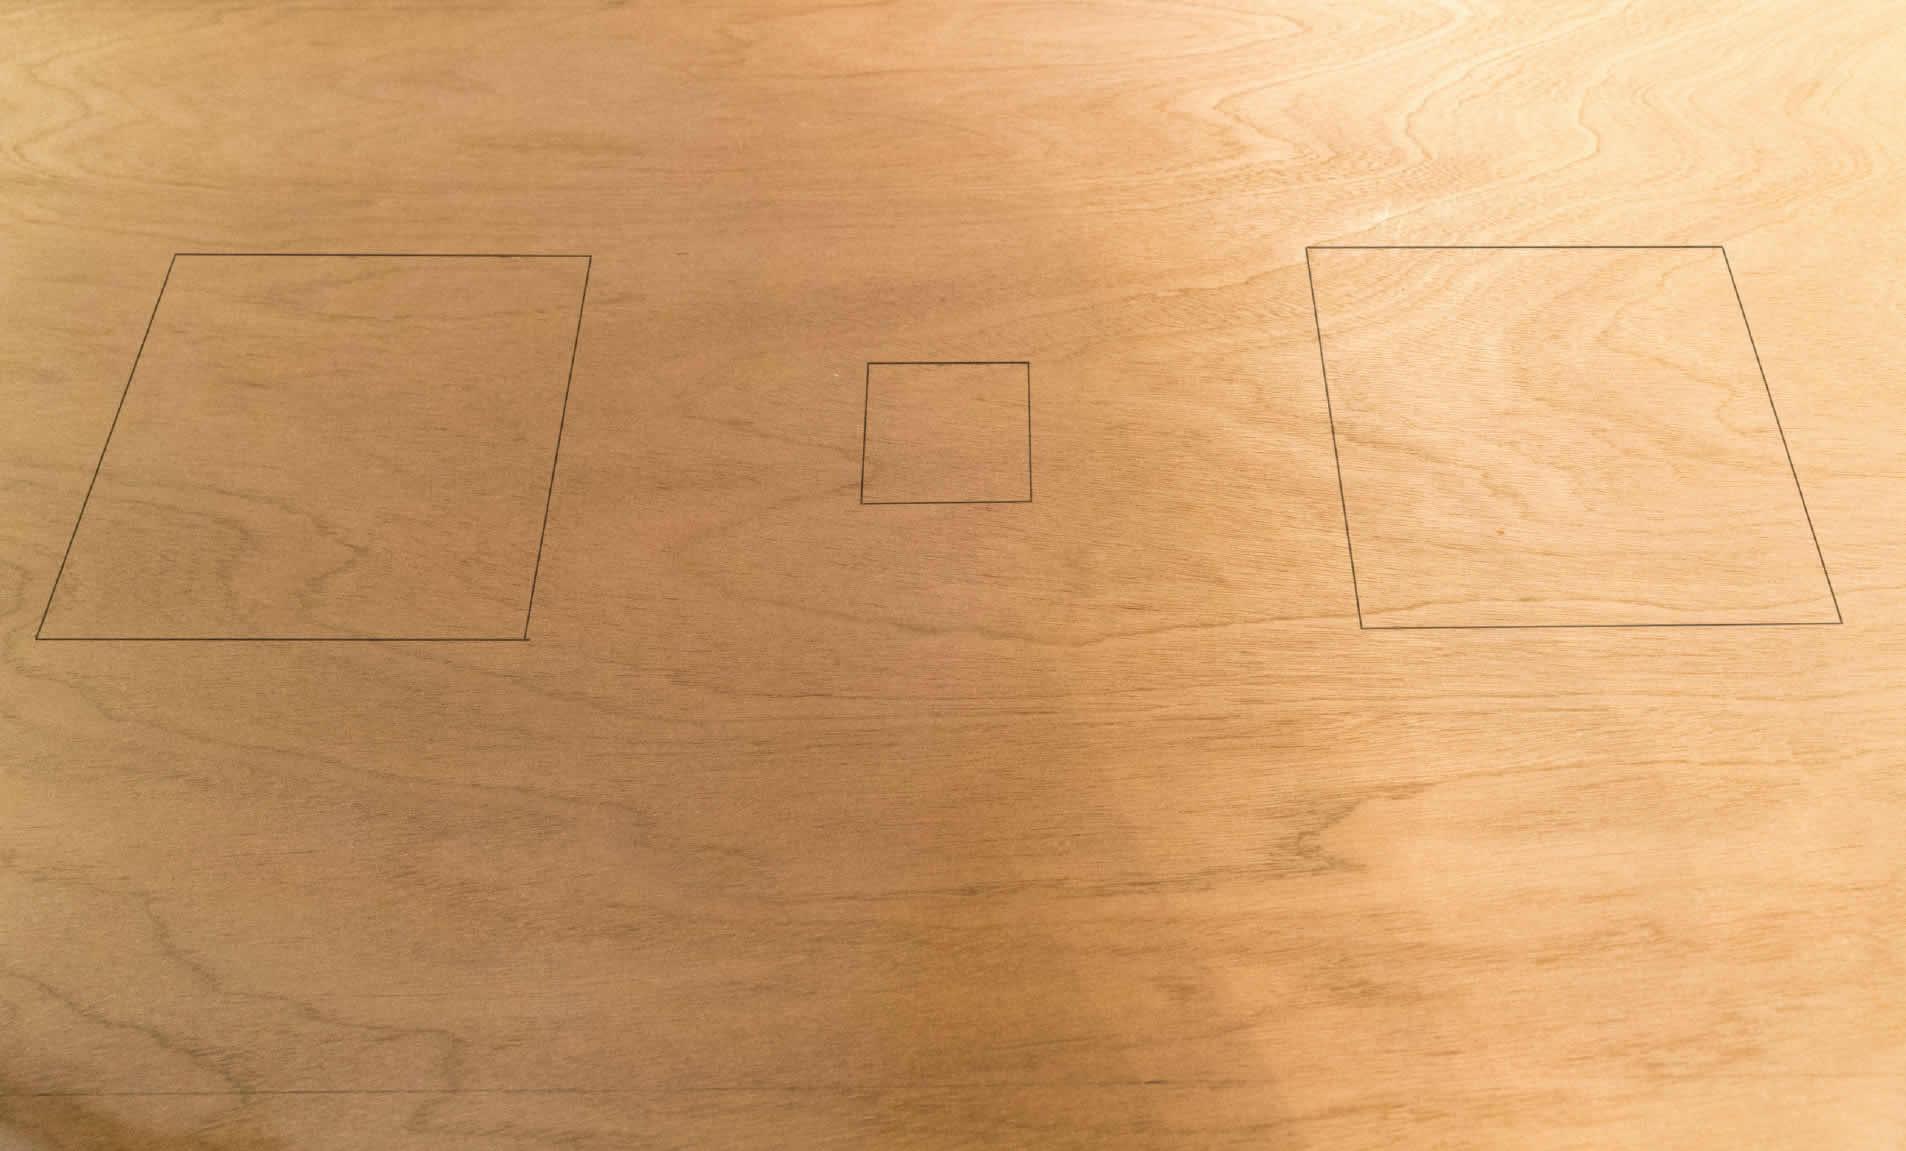 rivet-door-arrow-project-step3b.jpg